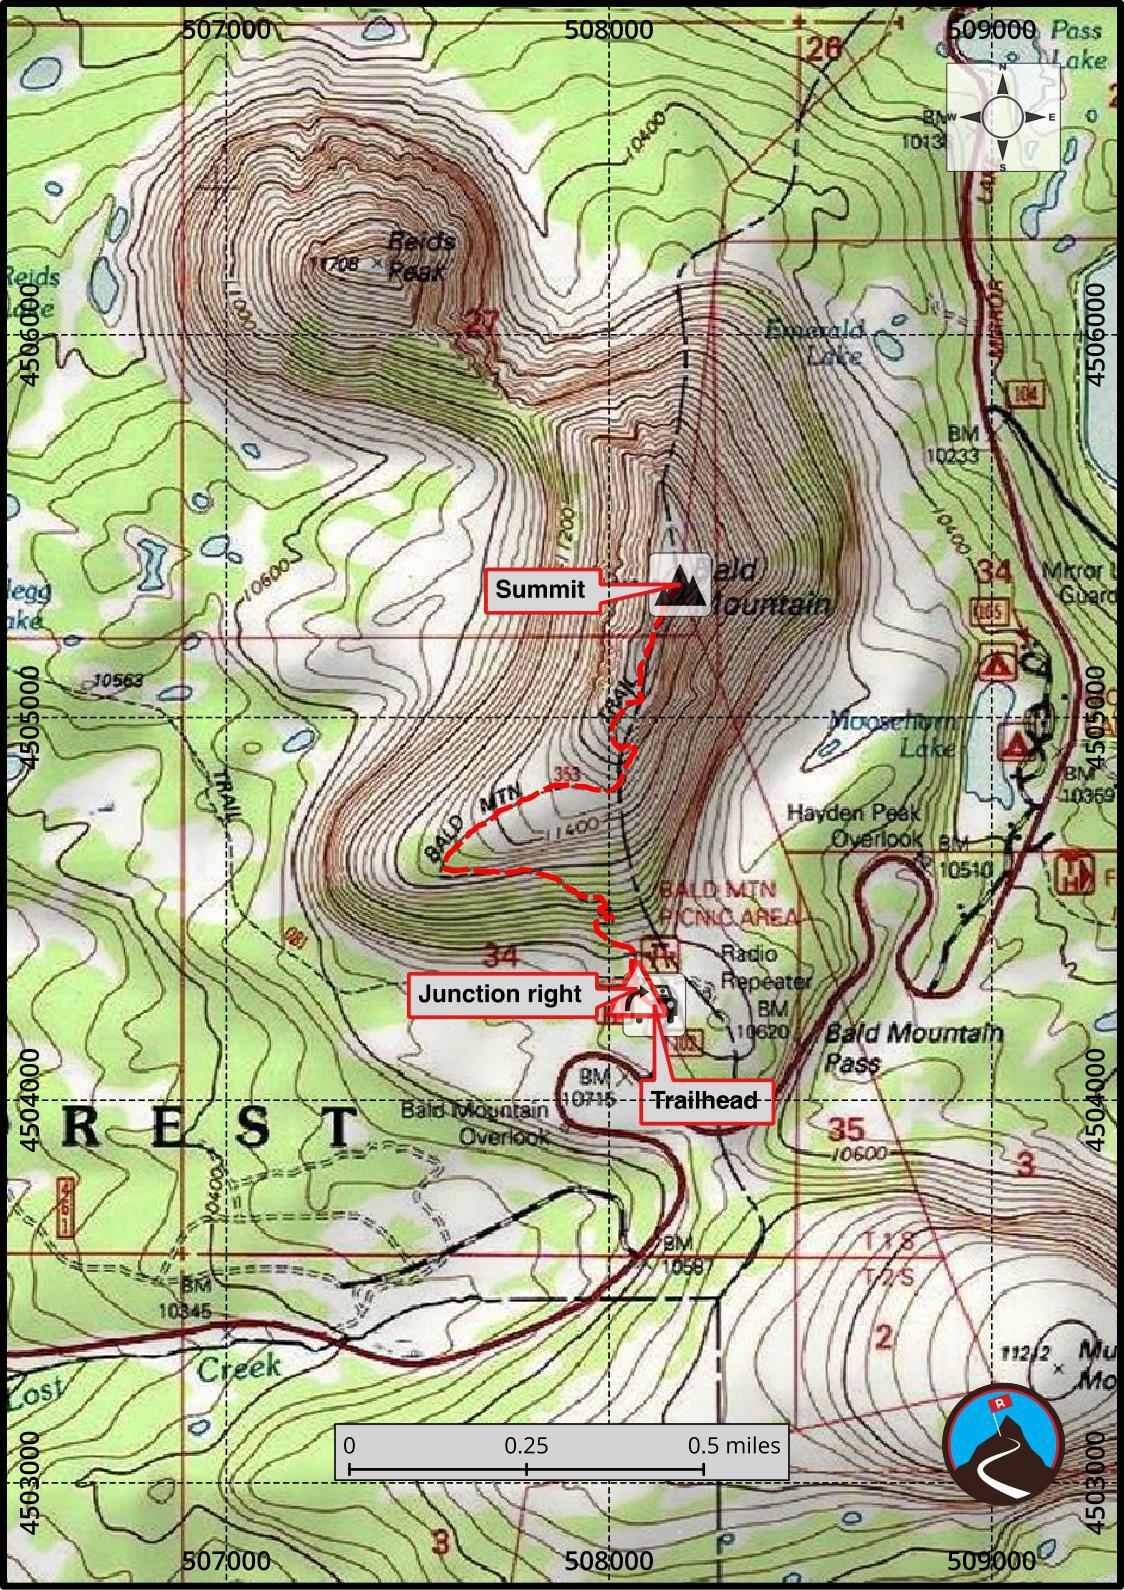 Hiking Bald Mountain - Uinta Mountains - Road Trip Ryan